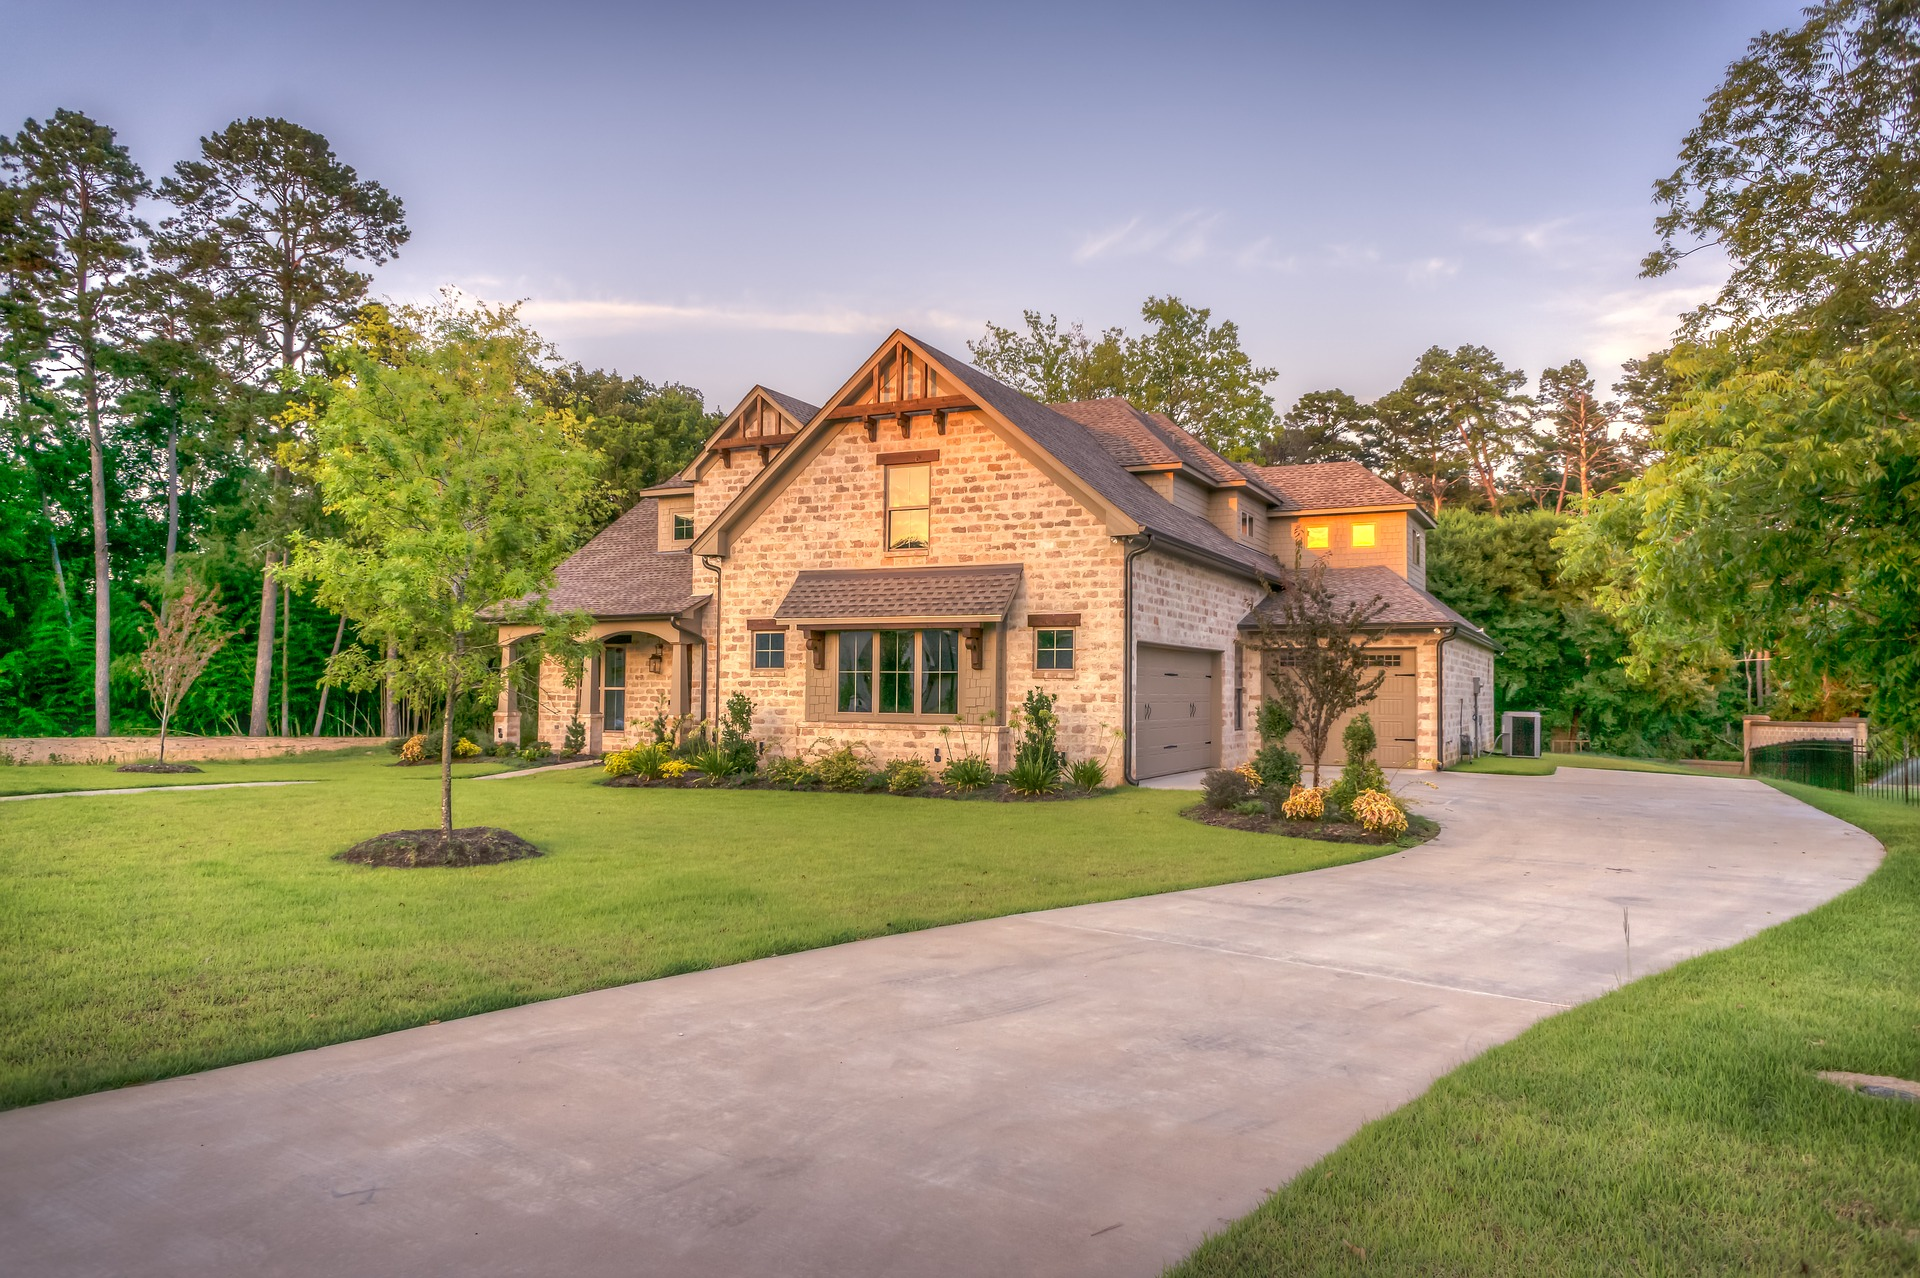 Exterior Home Shot